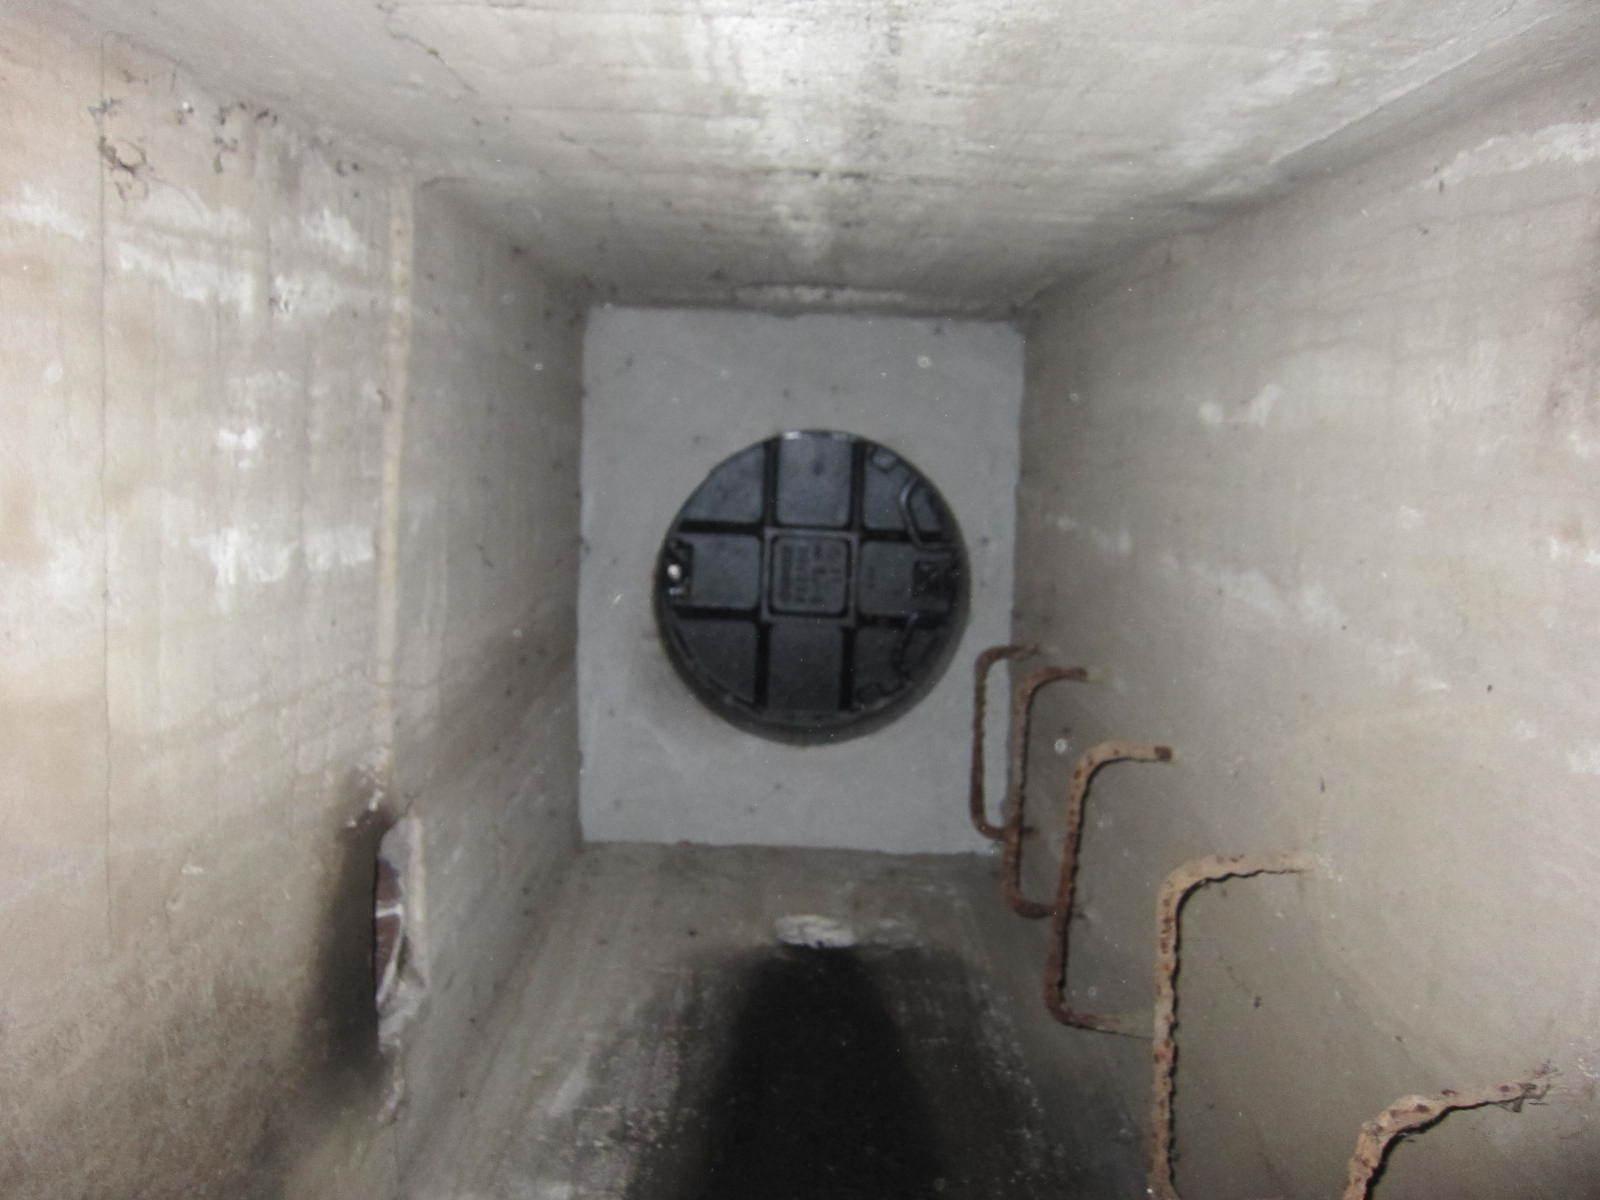 東工大本館の下にある秘密の地下通路 上にはマンホールがある